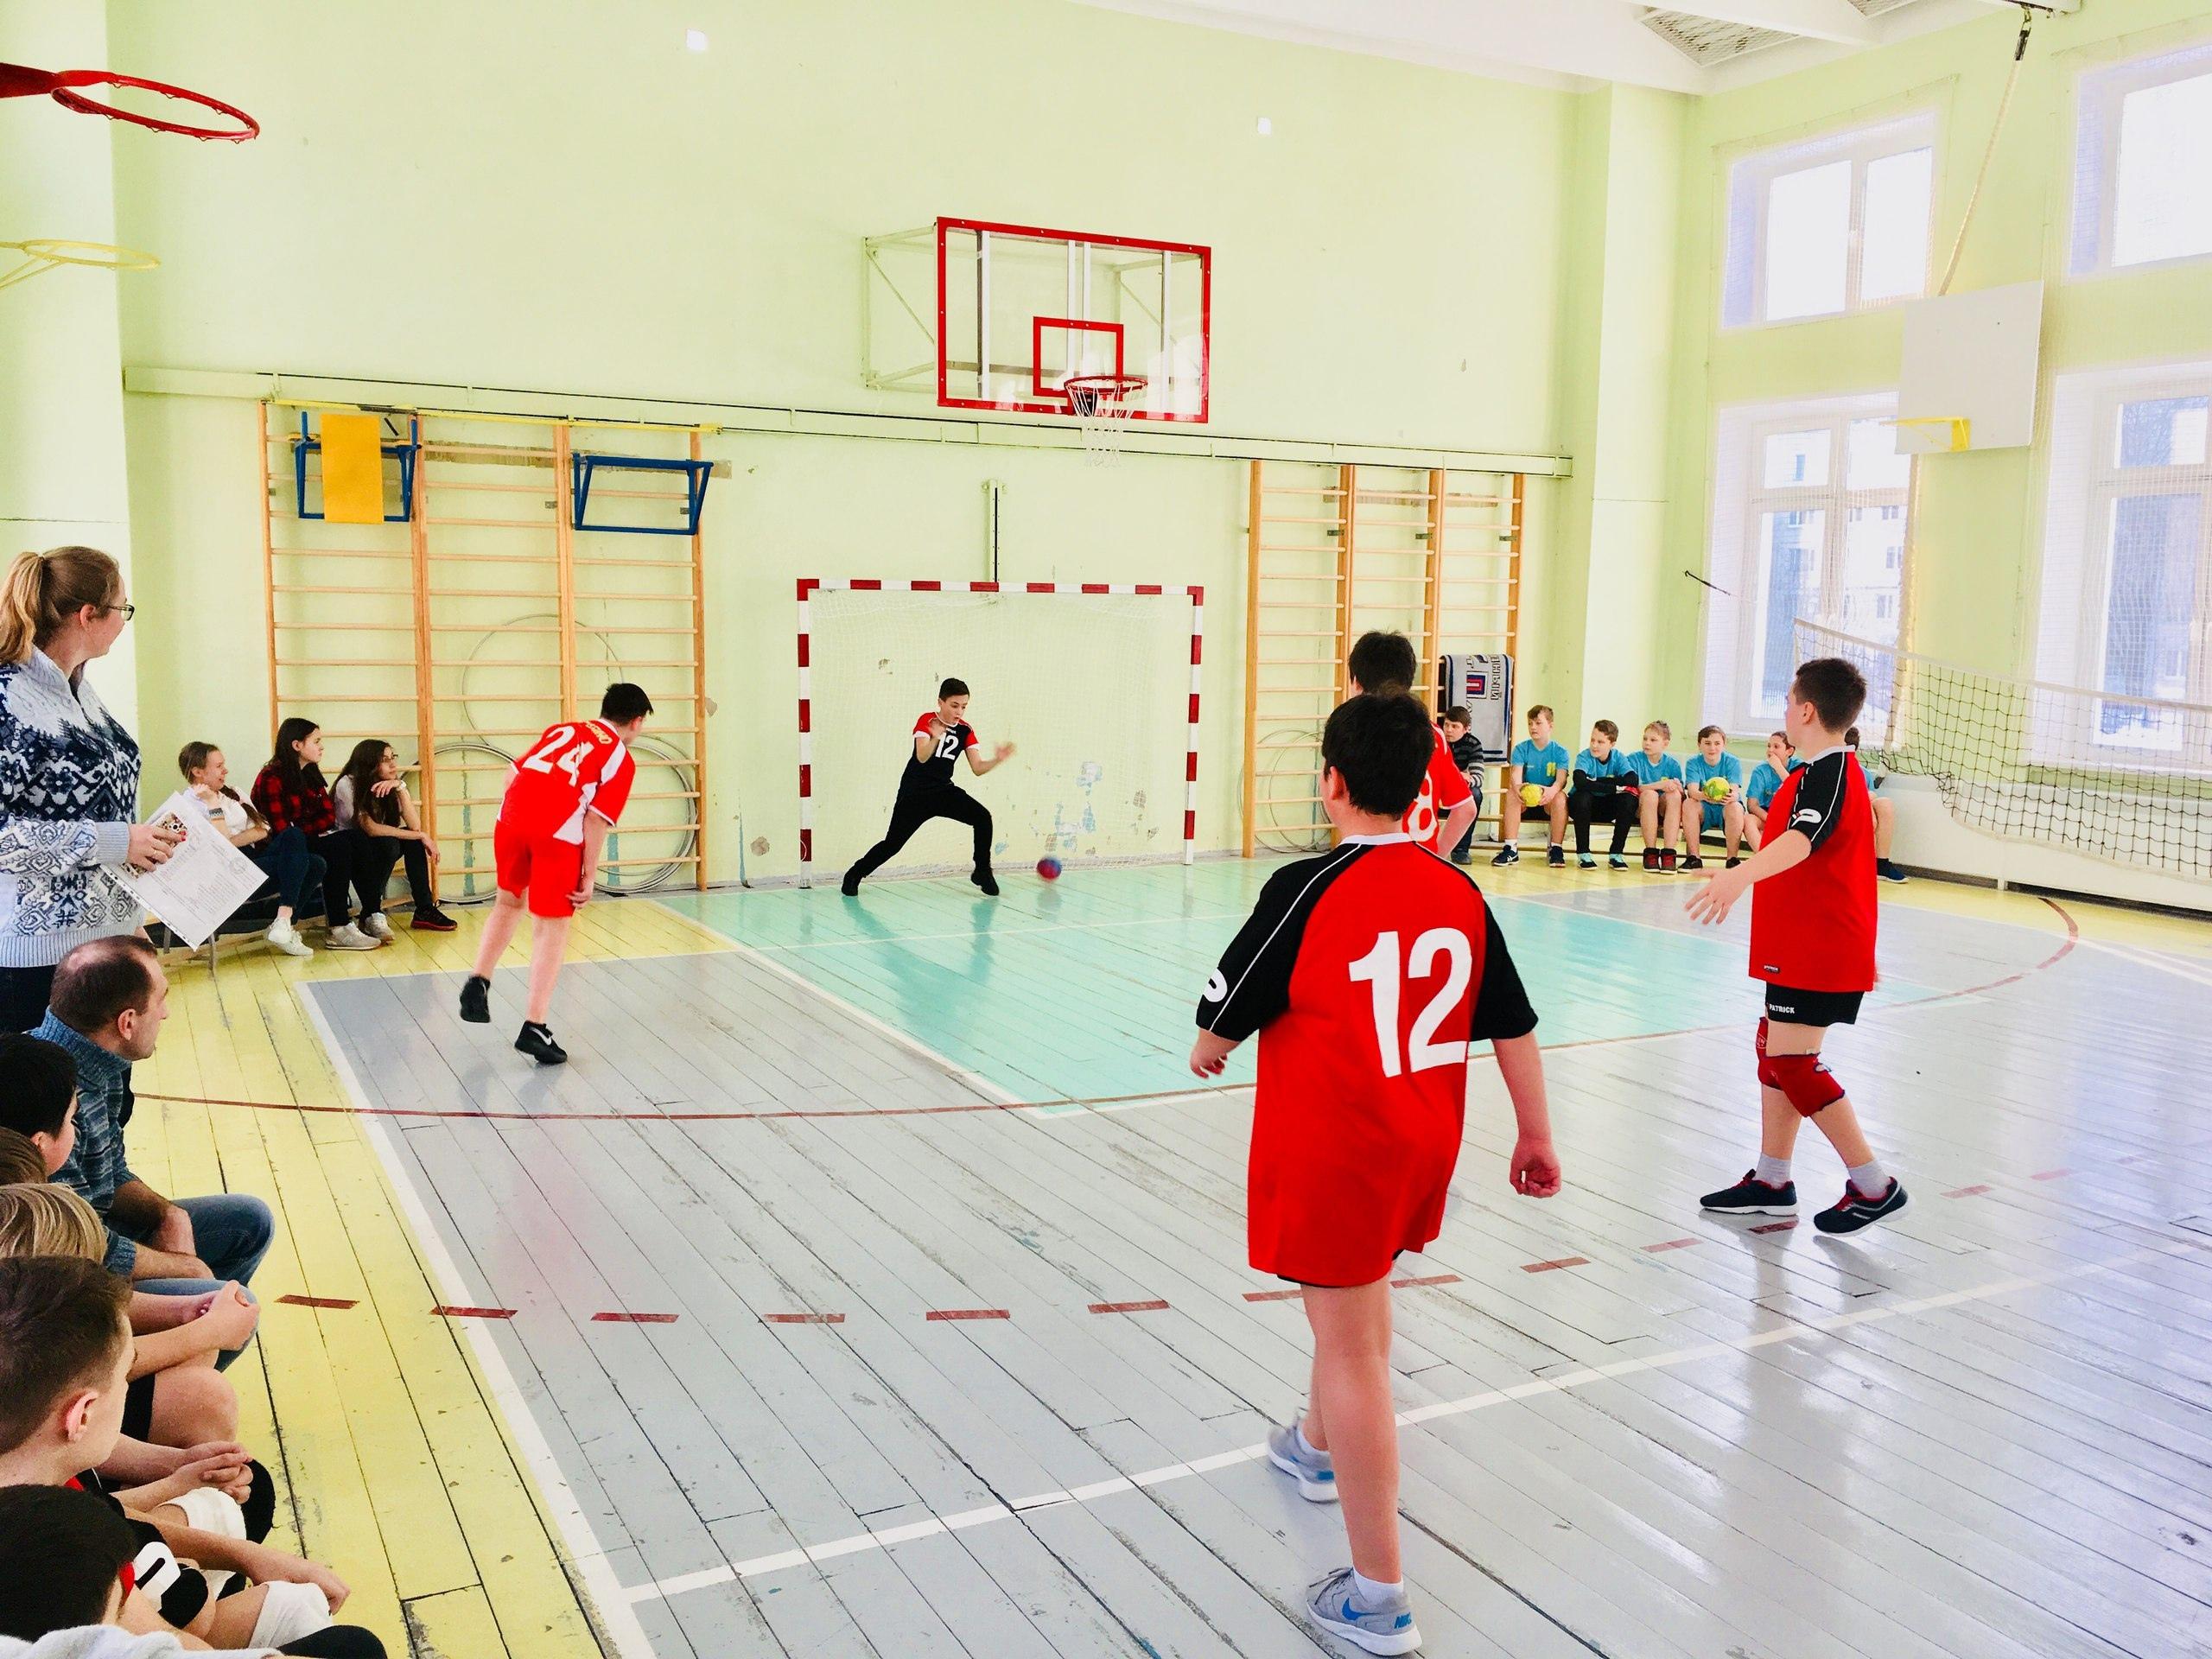 """""""Хотим ввести в школах мини-гандбол"""". В Москве разработали программу развития ручного мяча, изображение №3"""